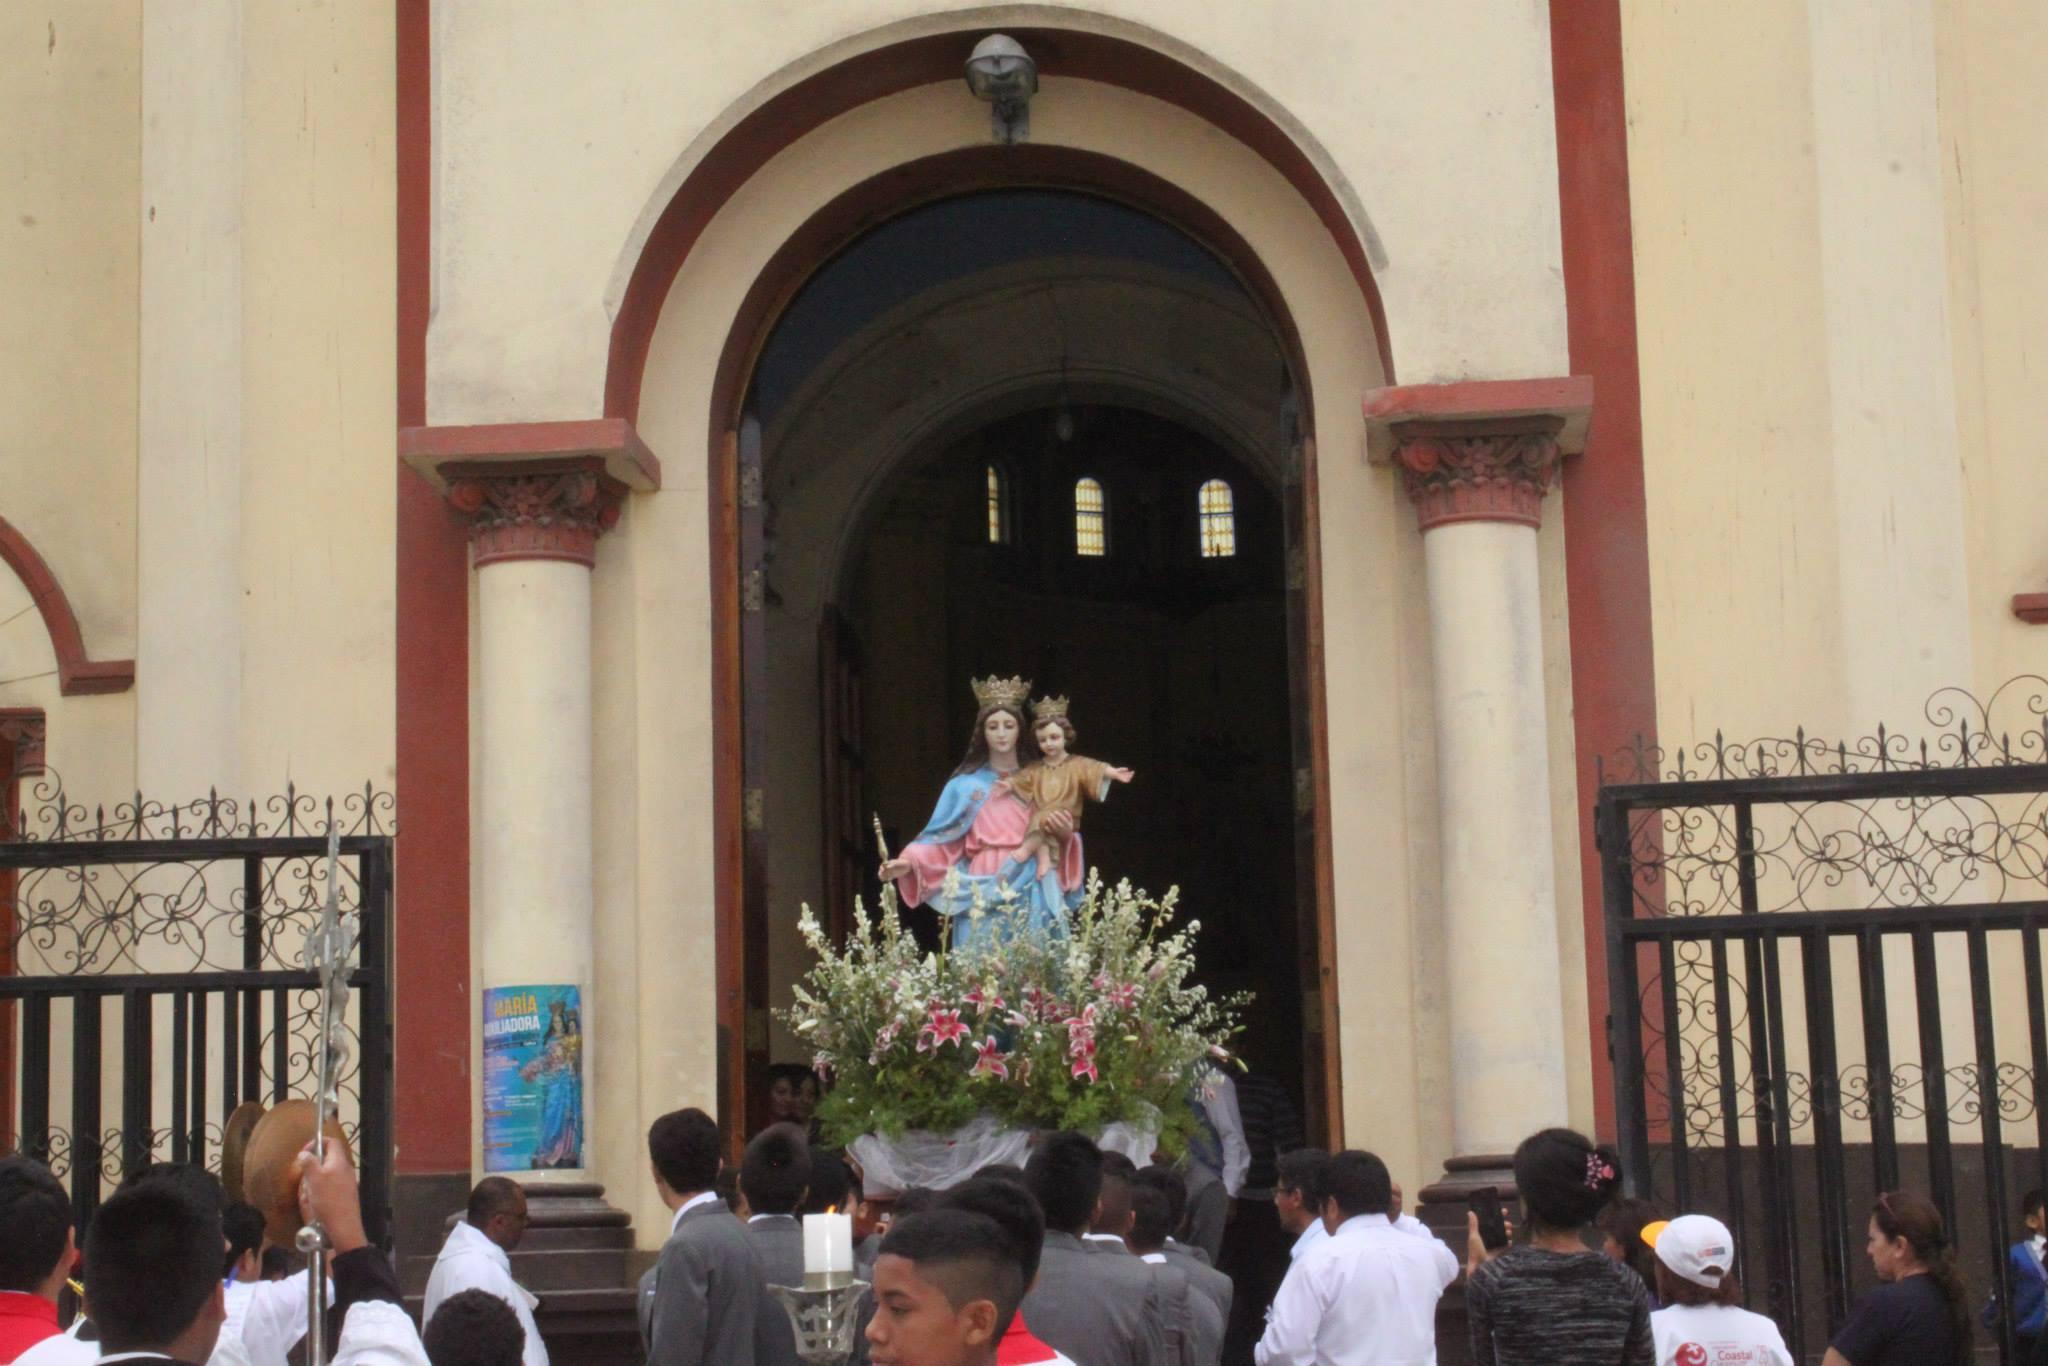 Dónde: Av. García Calderón 350, Callao. (Foto: Facebook Don Bosco Callao)